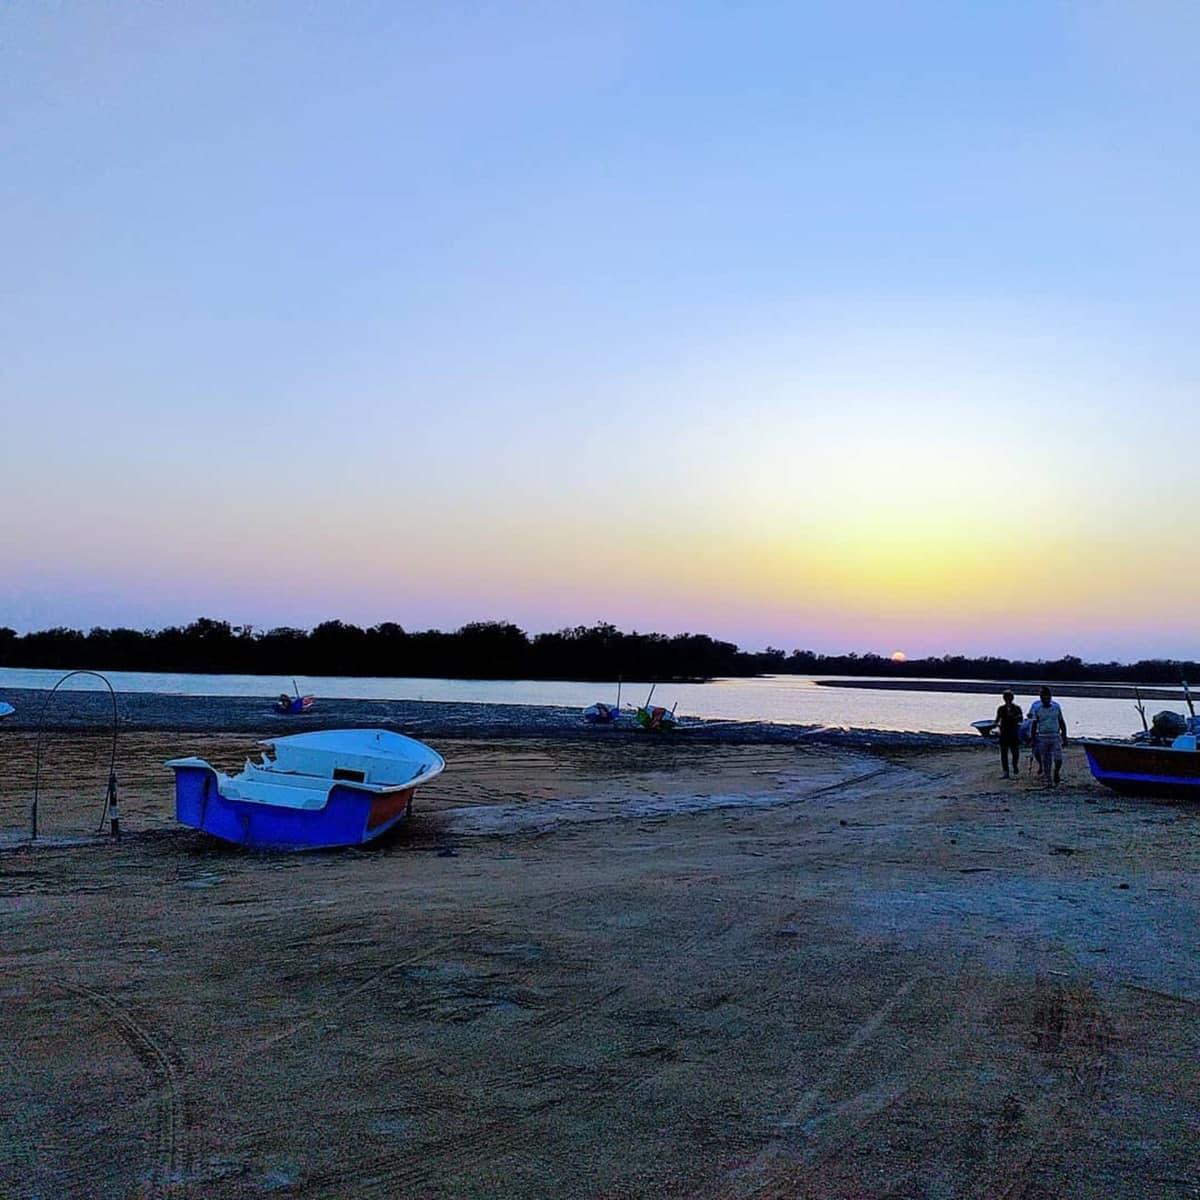 خلیج گواتر چابهار؛ جشنواره همیشگی موج سواری دلفین ها